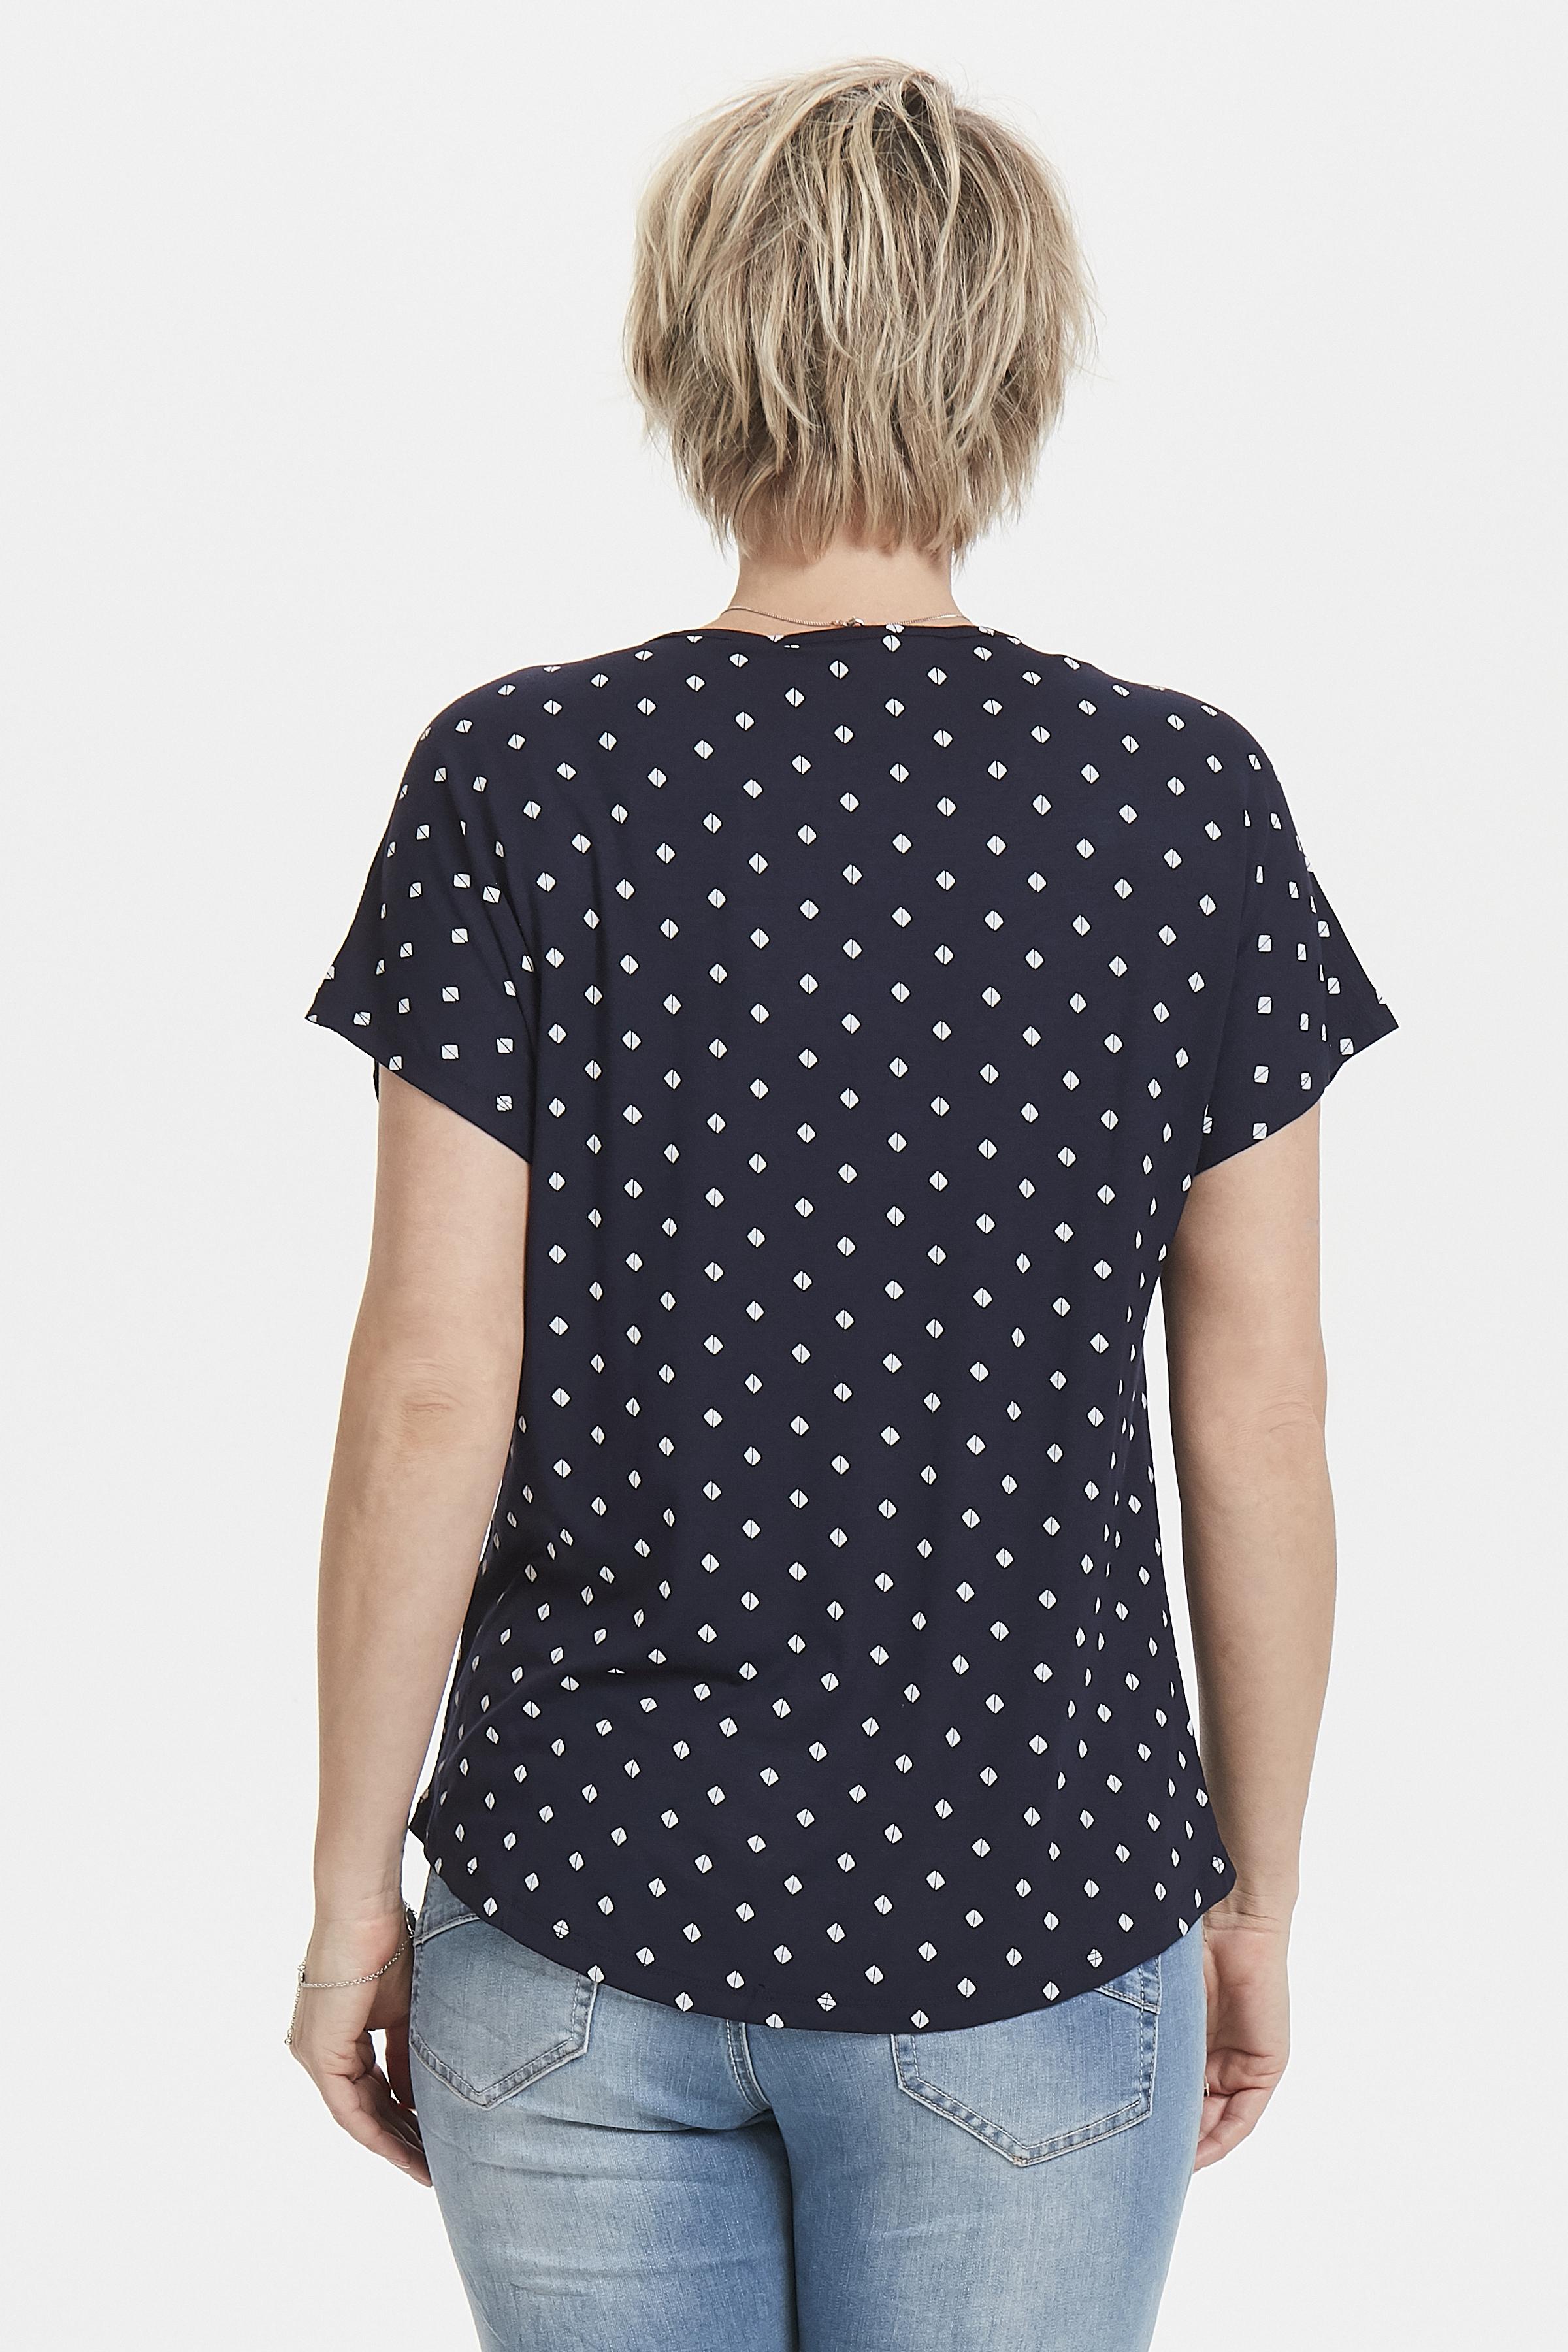 Marinblå/vit Kortärmad T-shirt från Fransa – Köp Marinblå/vit Kortärmad T-shirt från stl. XS-XXL här